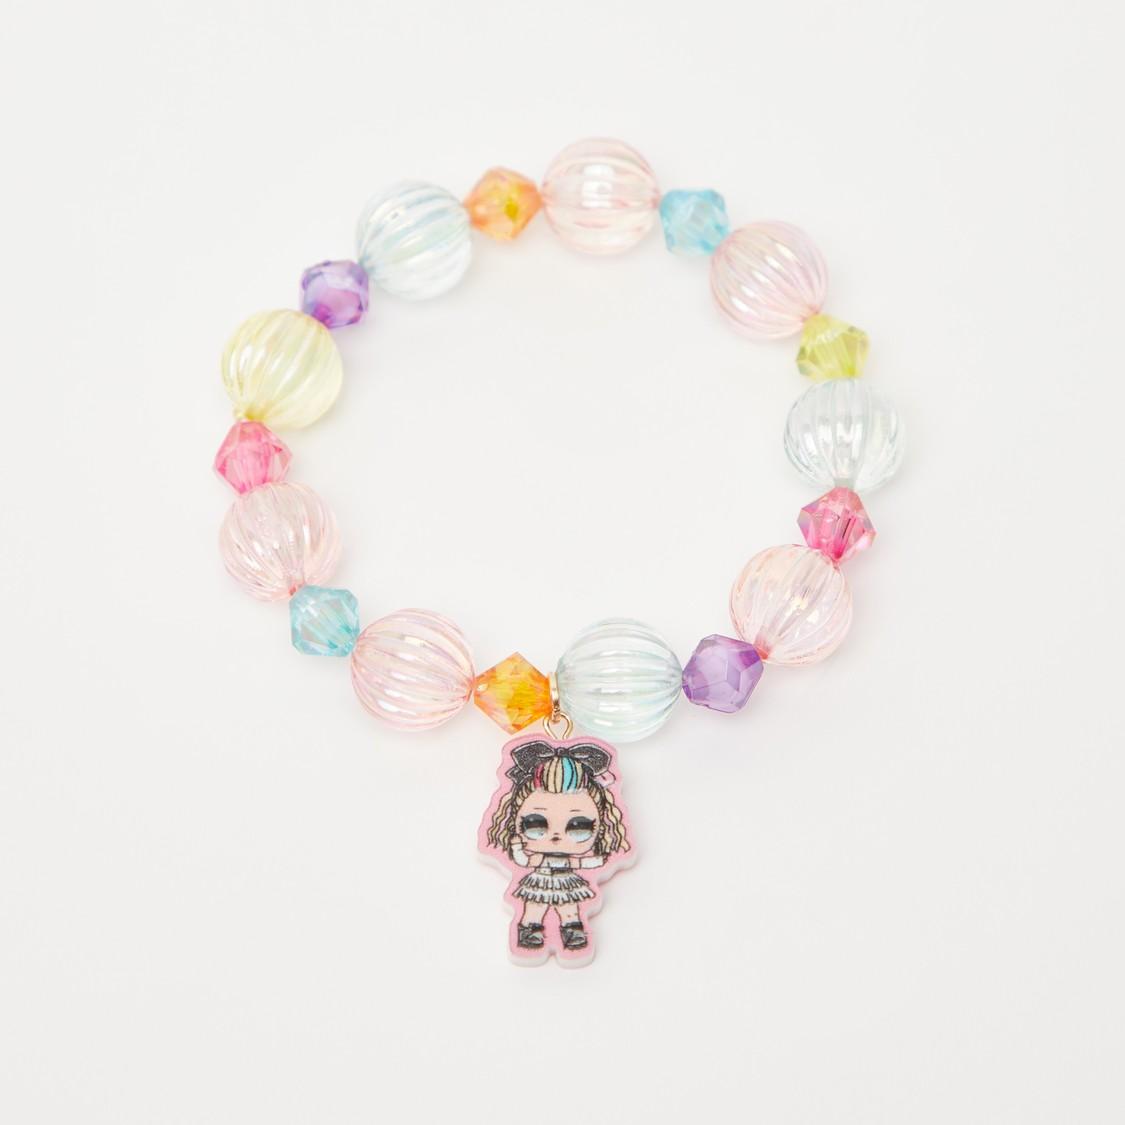 L.O.L. Surprise! Charm Bracelet